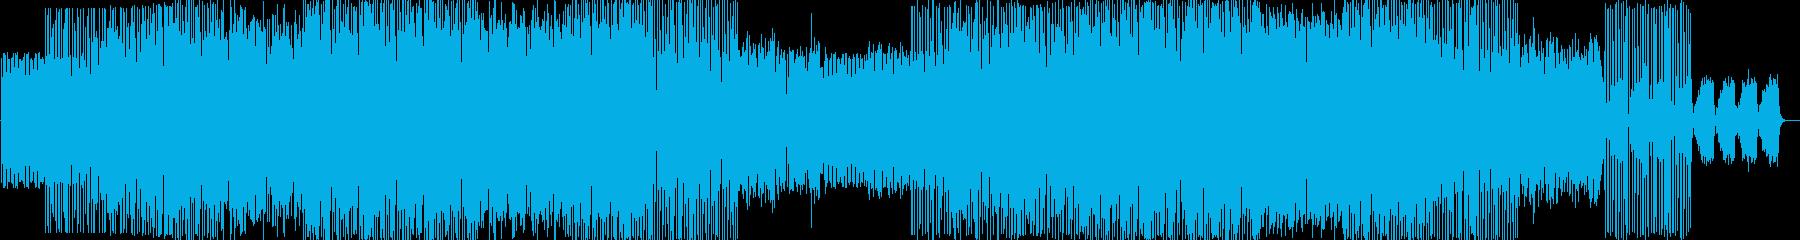 ロカビリーをイメージした曲です。の再生済みの波形